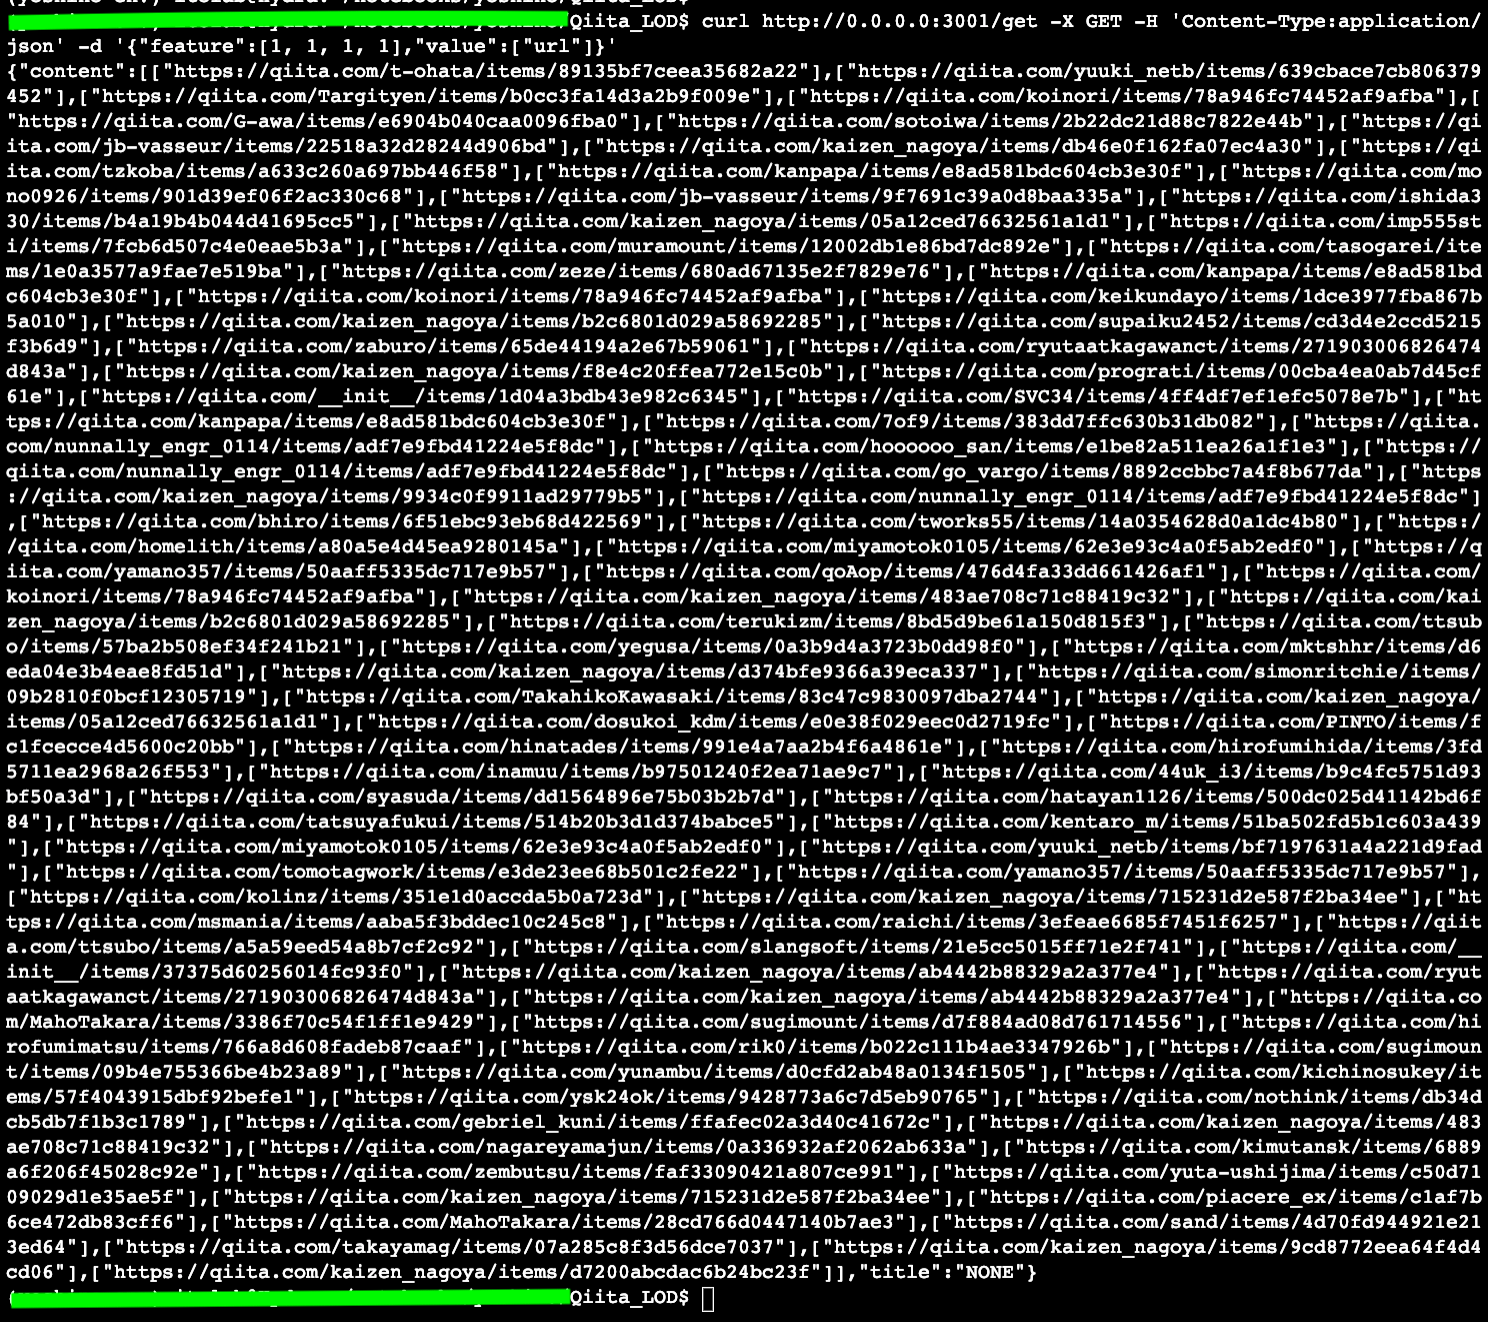 Screen Shot 2019-02-05 at 9.28.44 am 10-43-20-141.png